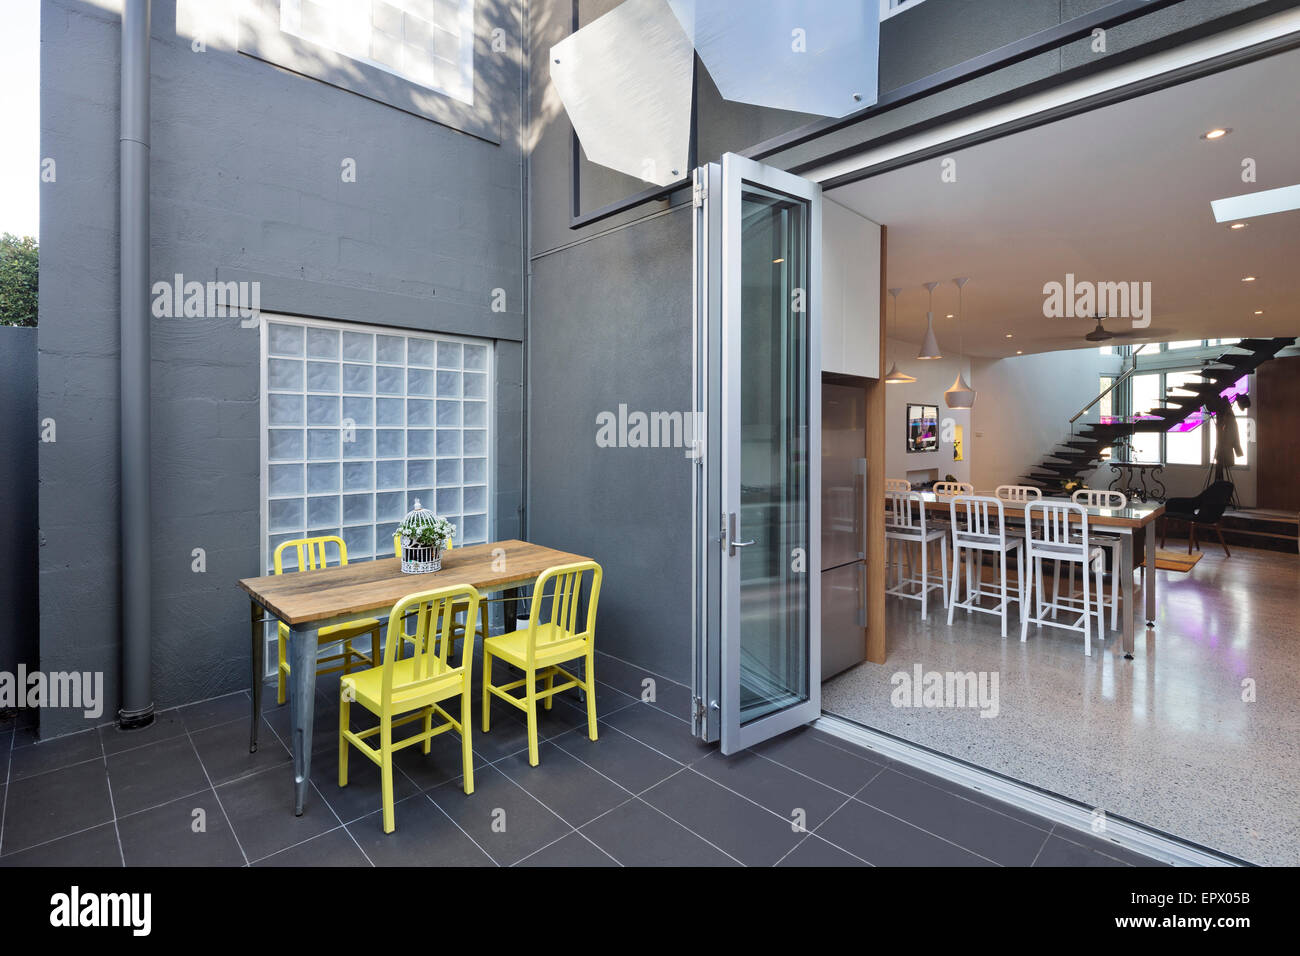 Mobili da terrazza con vista in Burford Casa appartamento, Malmsbury Street, , Biancospino, Melbourne, Australia Immagini Stock